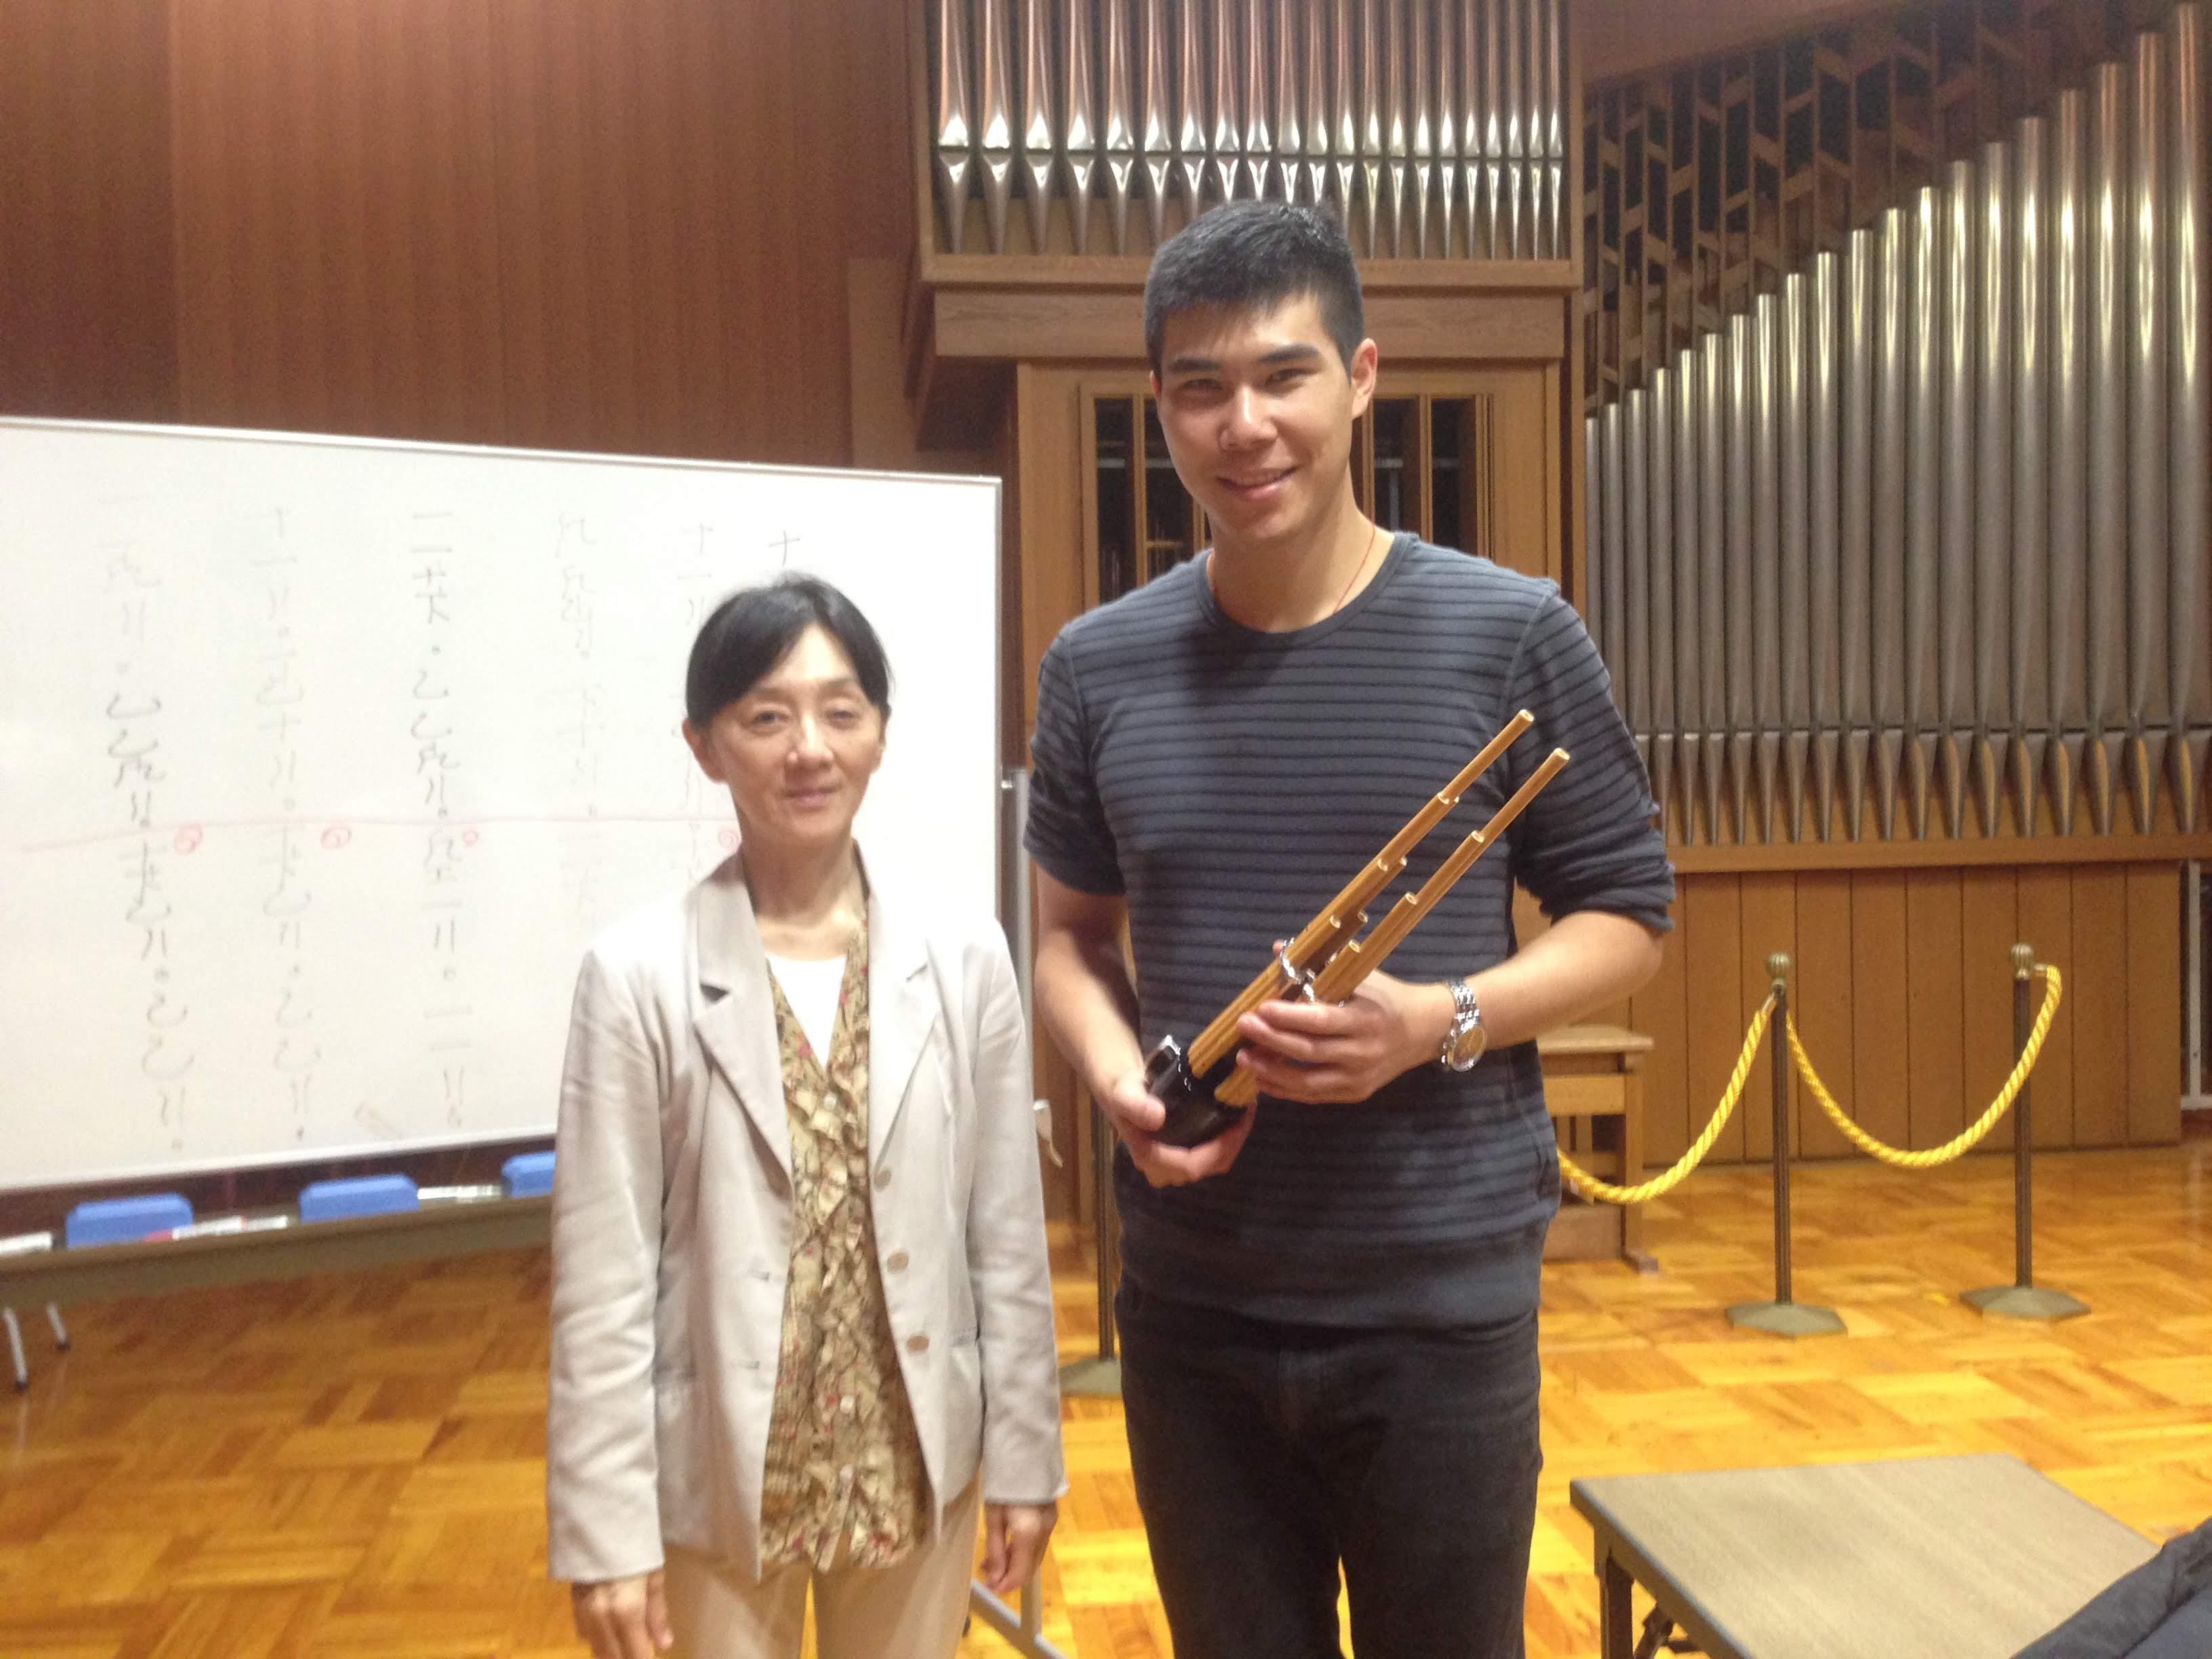 With Mayumi Miyata sensei at The Kunitachi College of Music